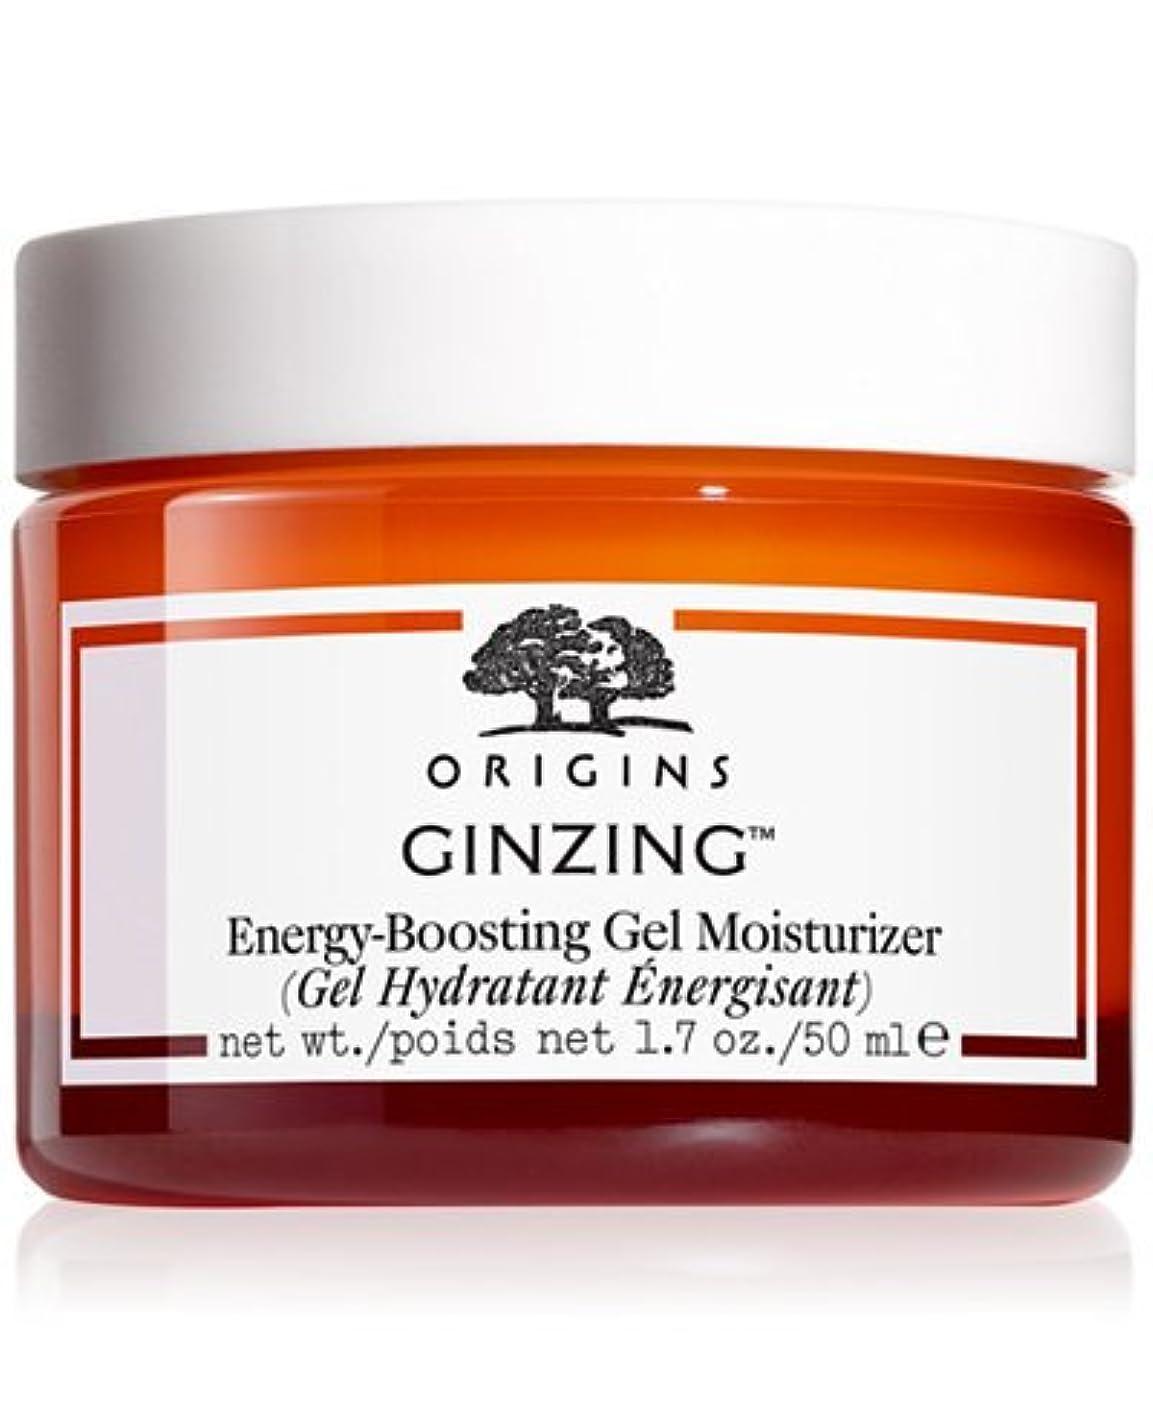 同化ショッピングセンター刈るOrigins GinZing™ Energy-Boosting Moisturizer (オリジンズ ギンジング エナジー ブースティング モイスチャライザー) 1.7 oz (50ml) for Women